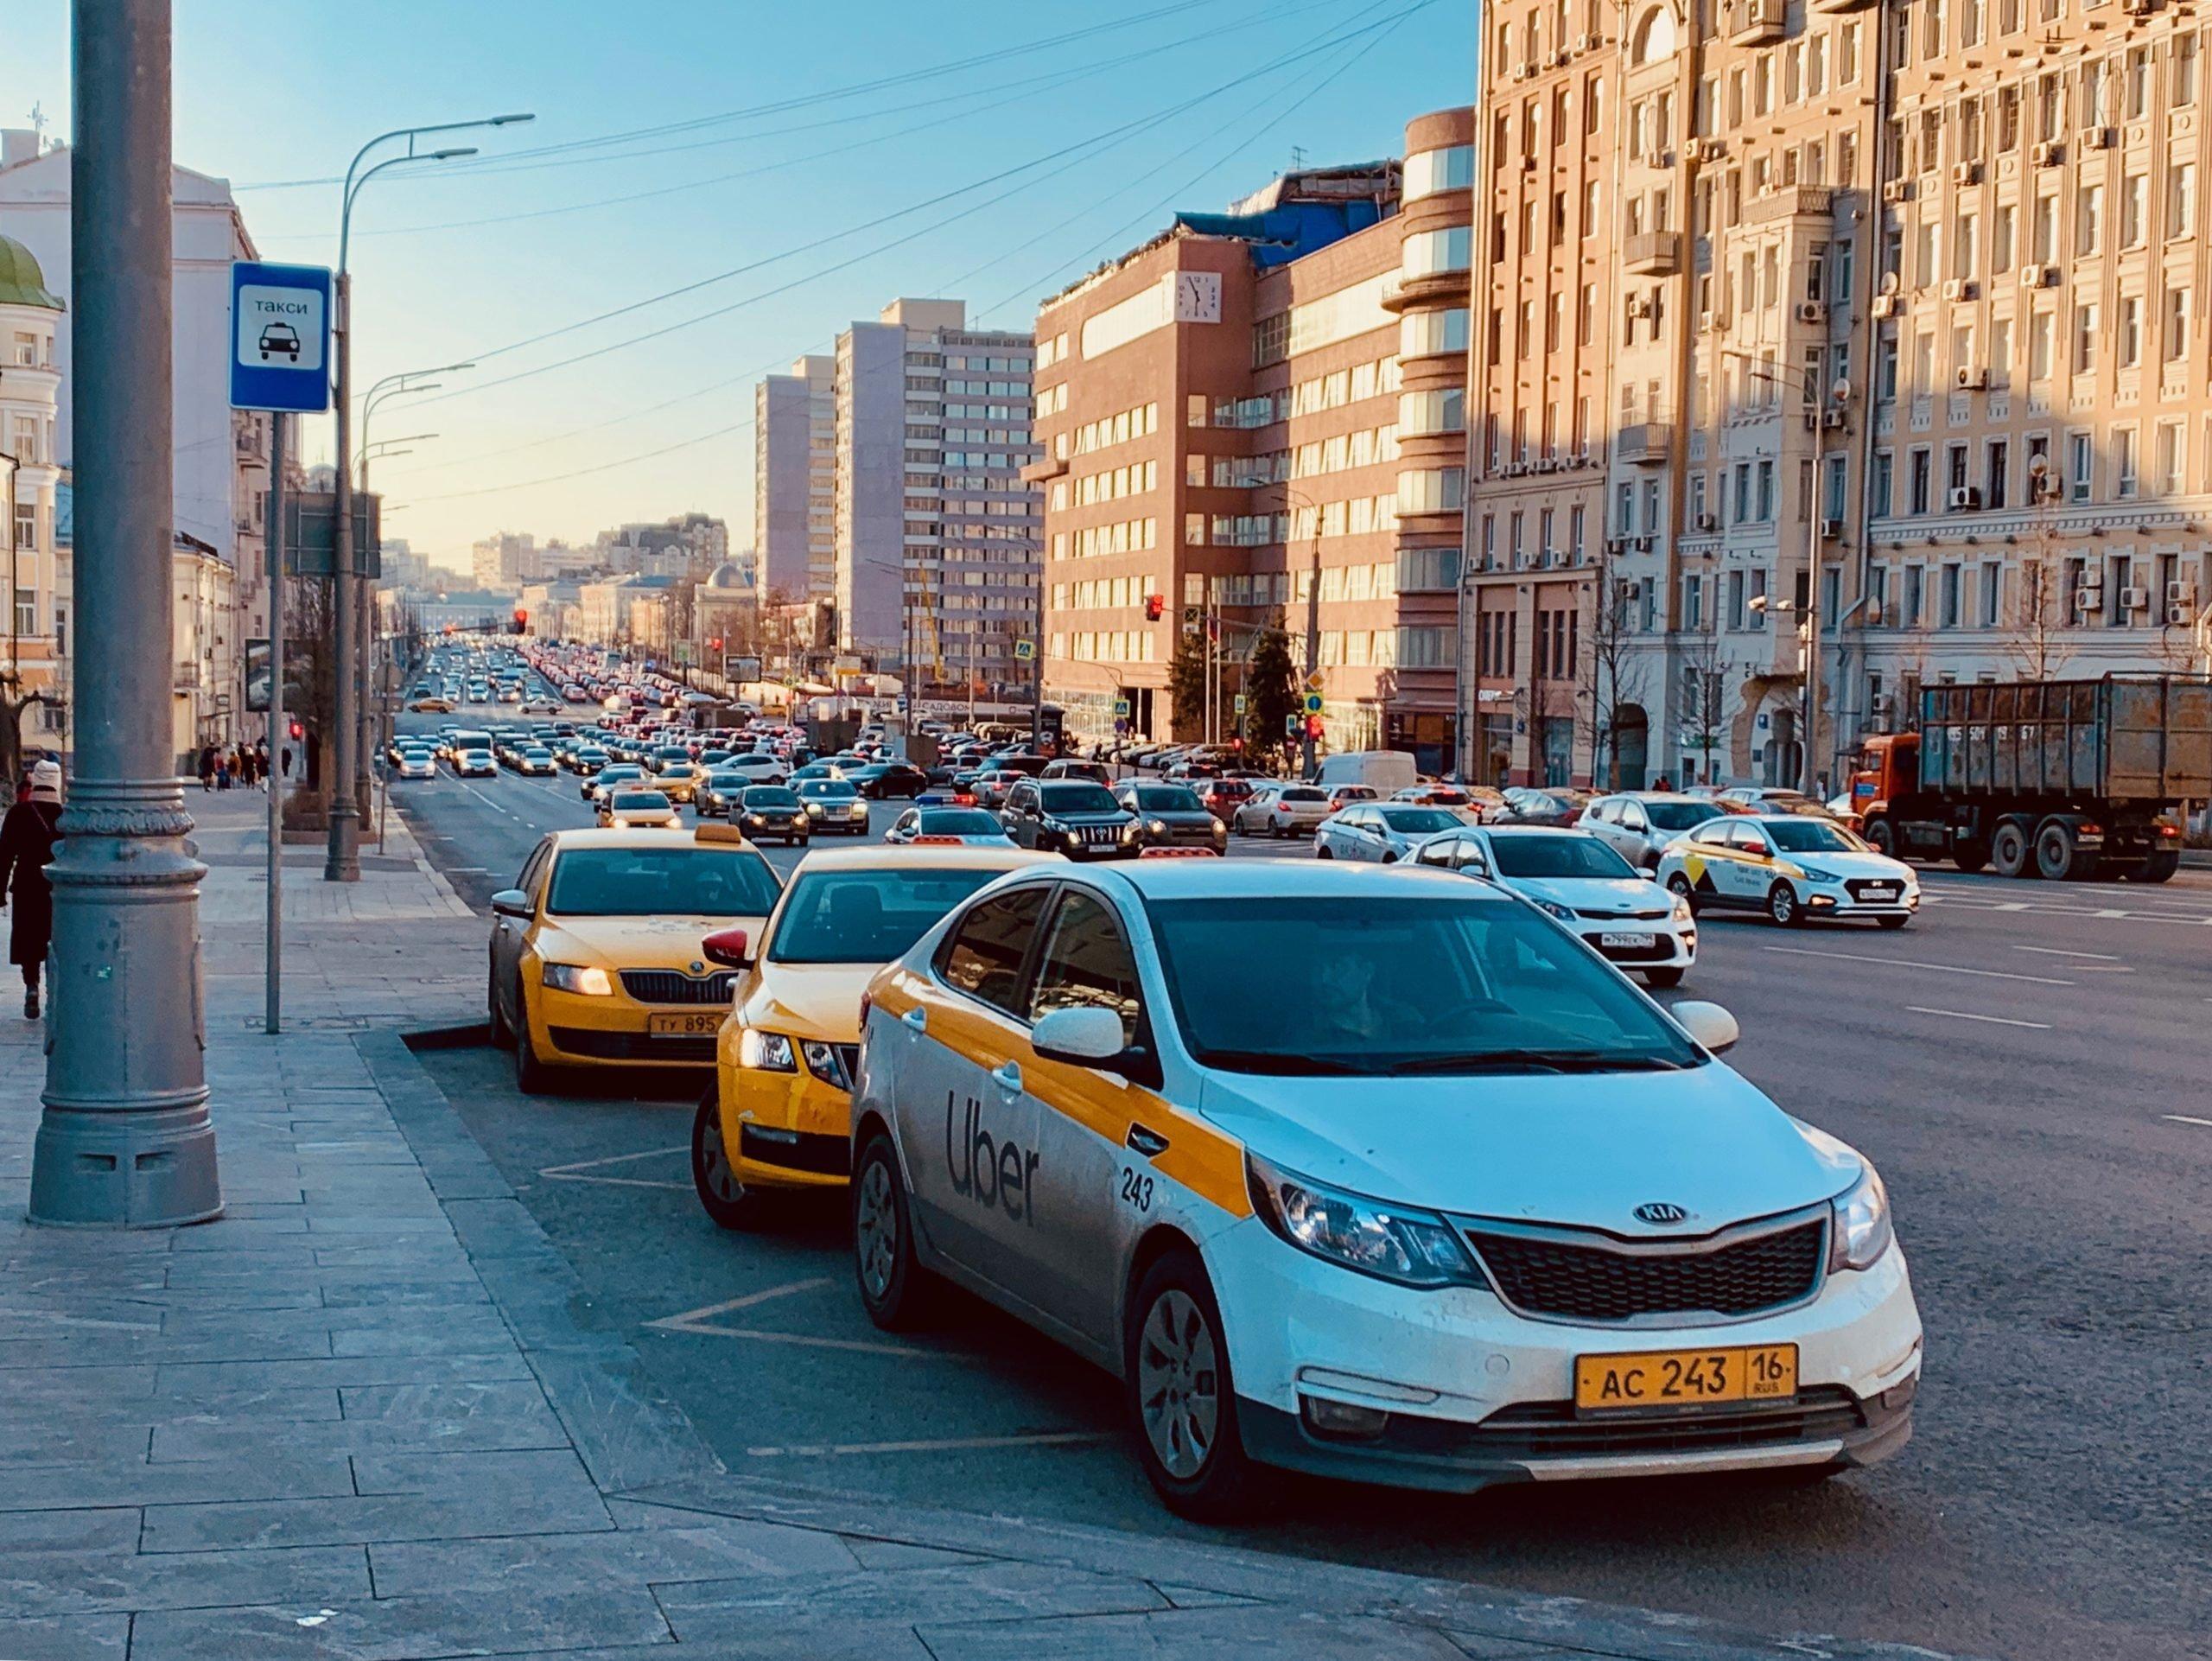 Столичный Дептранс назвал самые частые нарушения ПДД таксистами